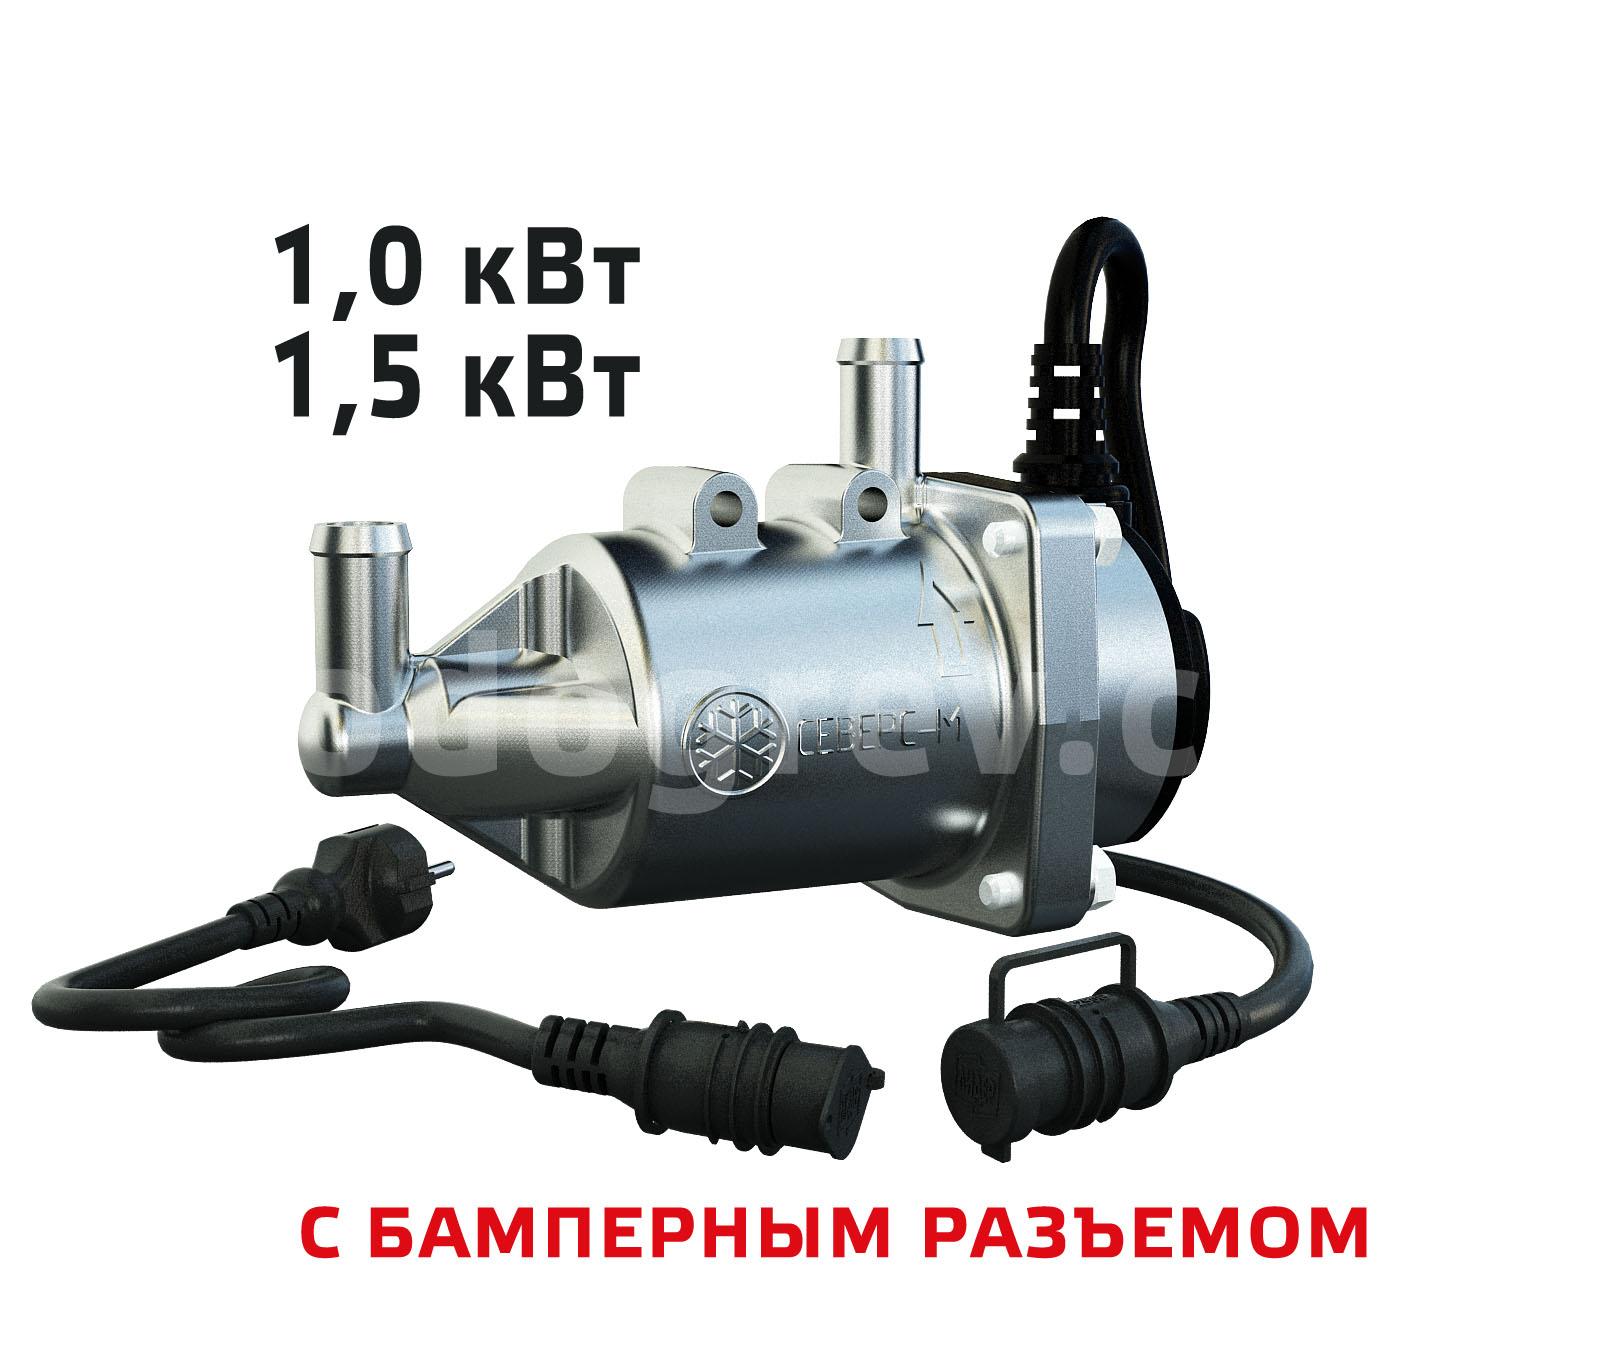 инструкция по монтажу электроподогревателя альянс 99